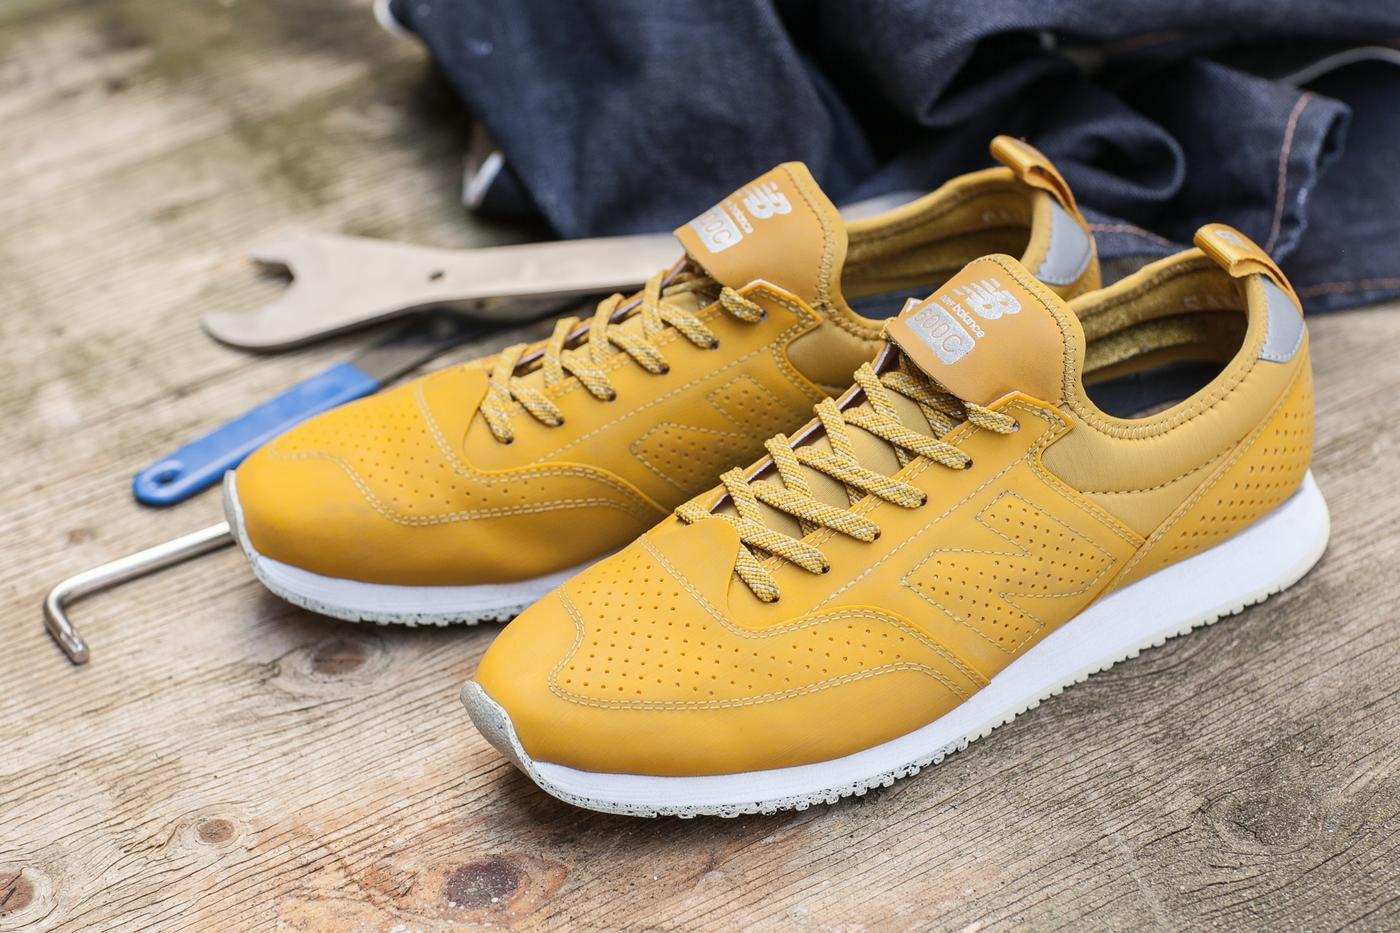 600c-Yellow-2